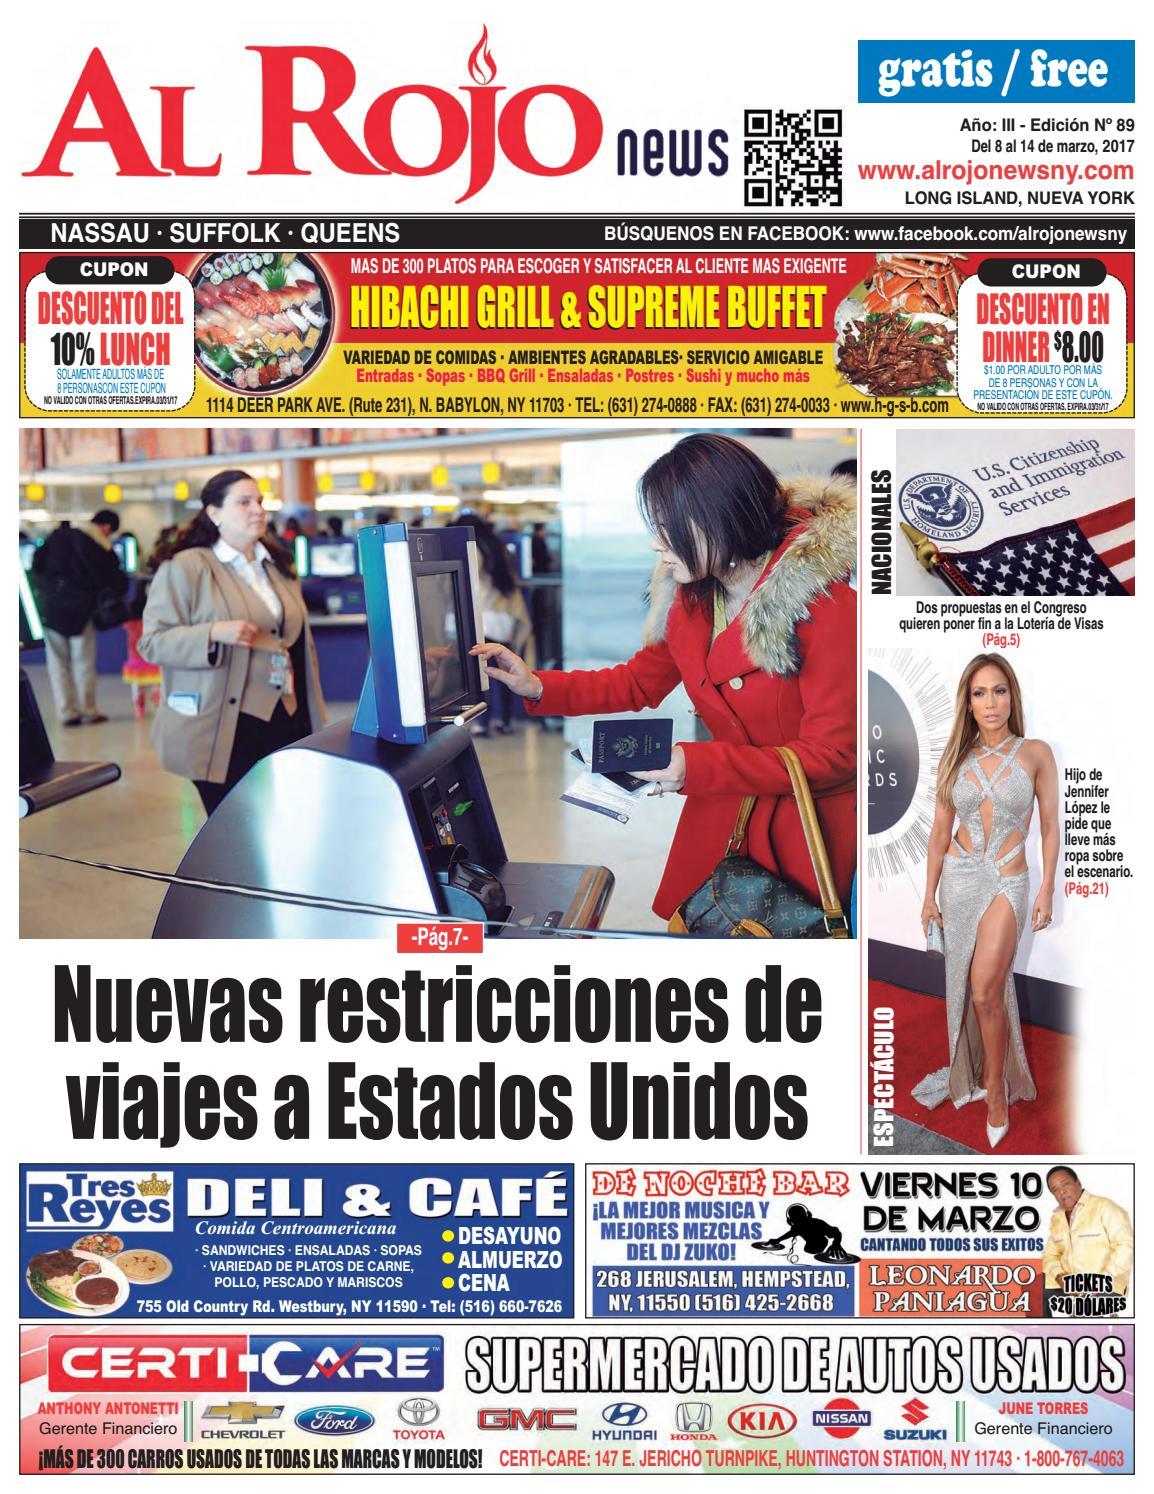 Al Rojo News año III edición 89 by Jose Rivas - issuu